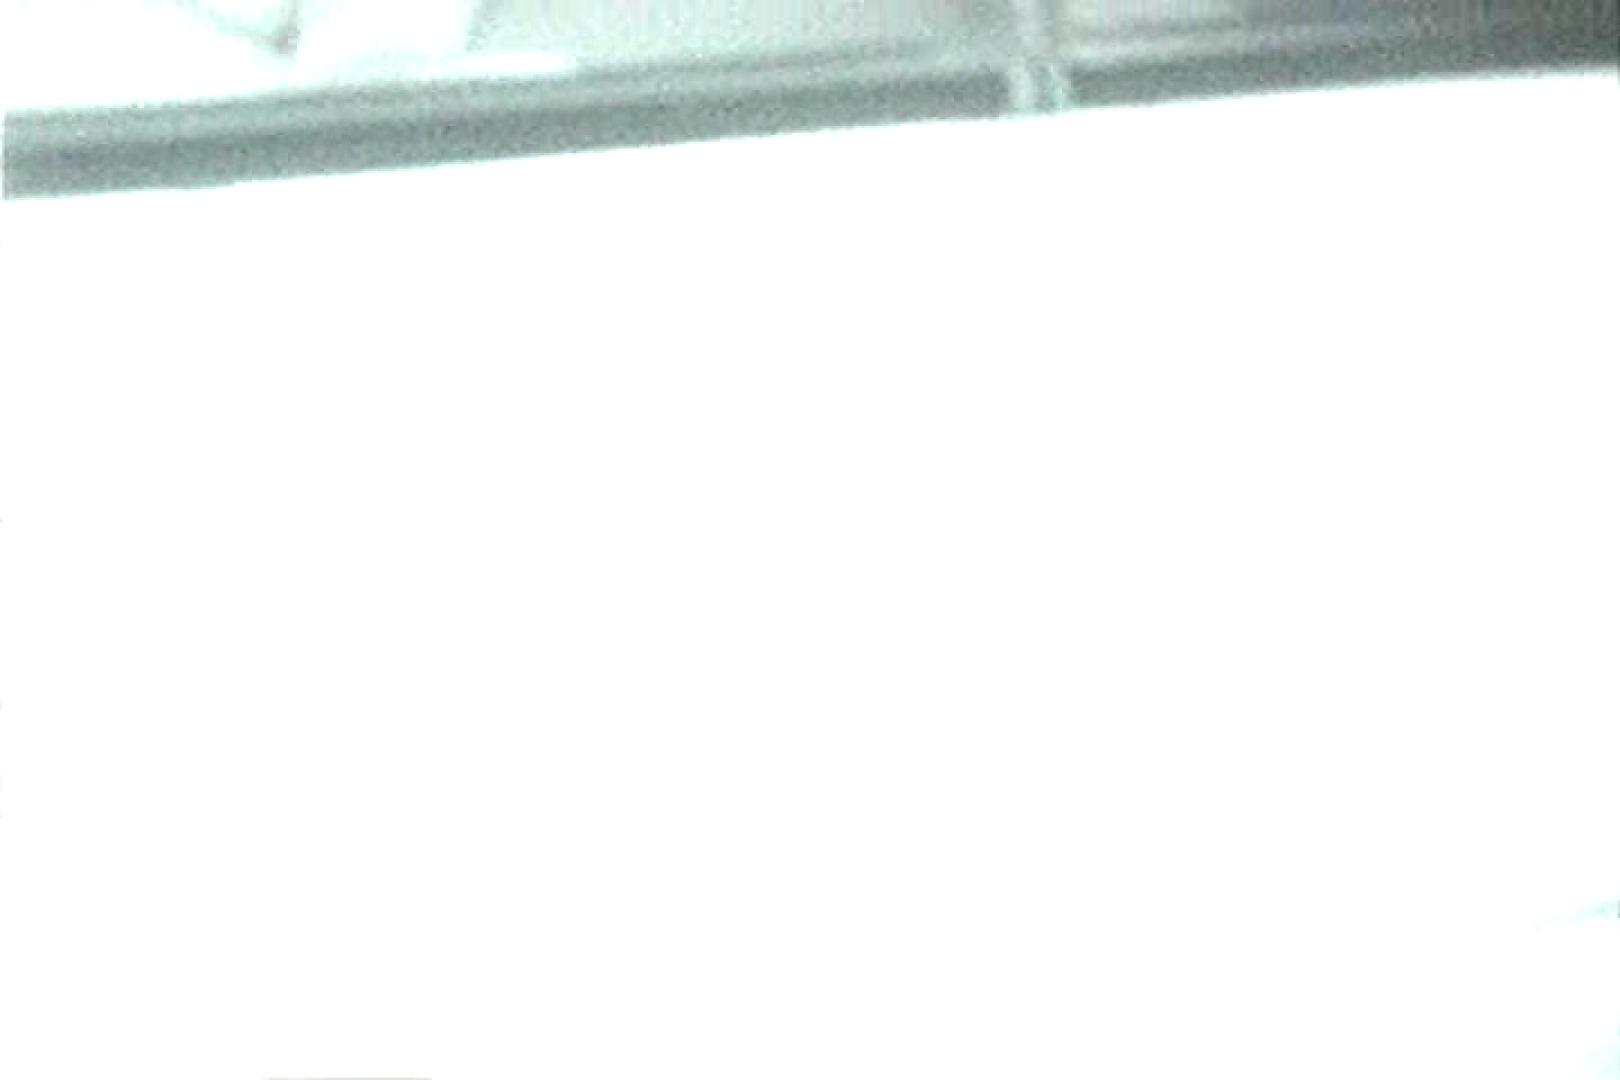 充血監督の深夜の運動会Vol.27 フェラ 盗み撮り動画キャプチャ 63PIX 46